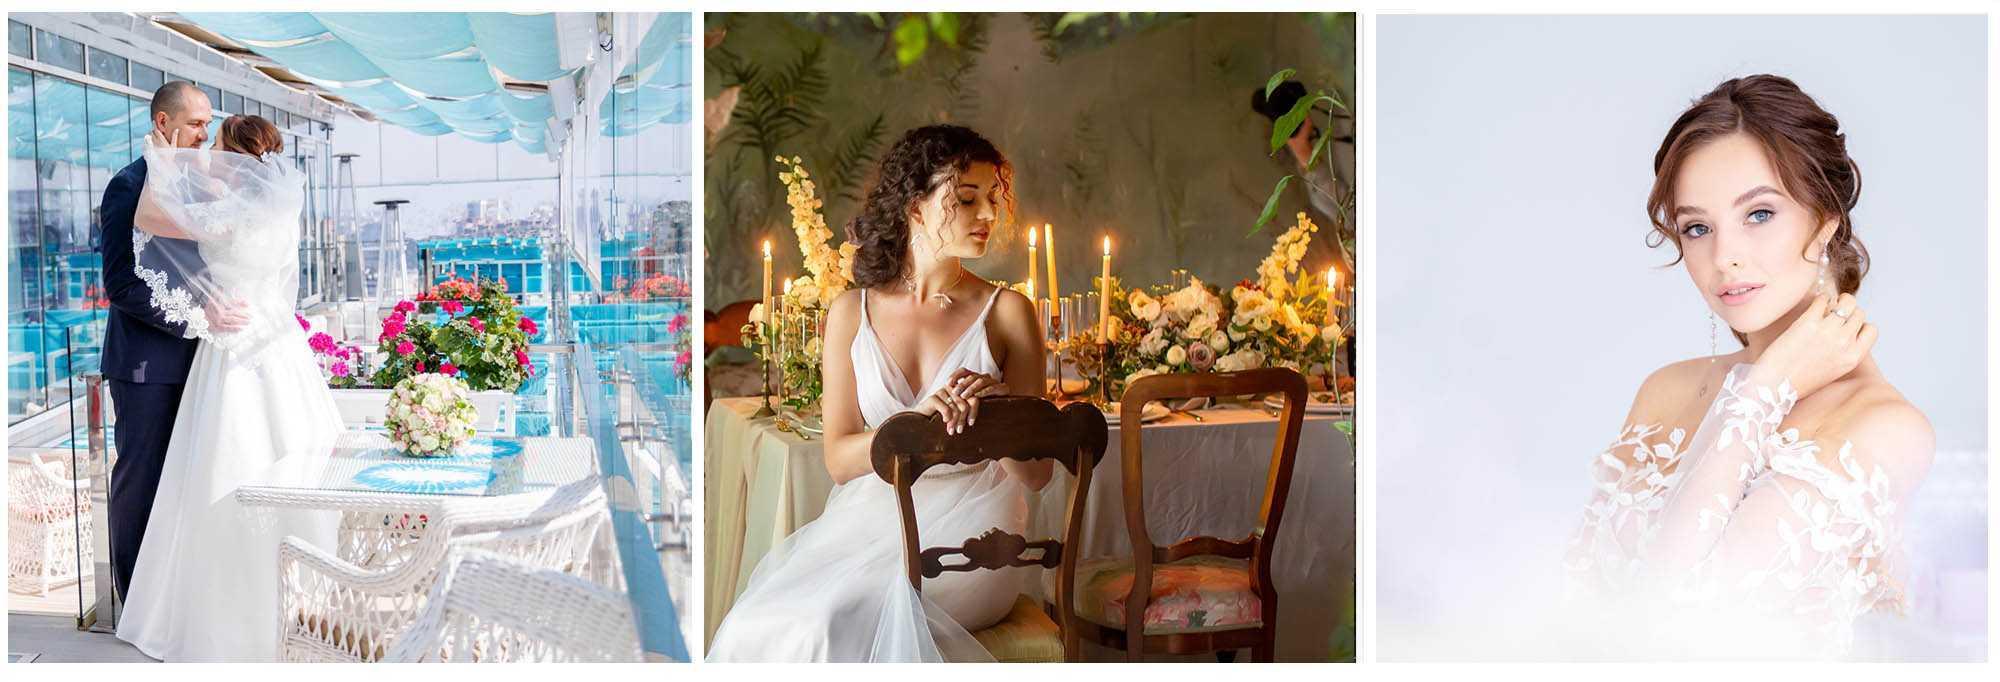 организация свадьбы фото Фотограф Алексей Никольский